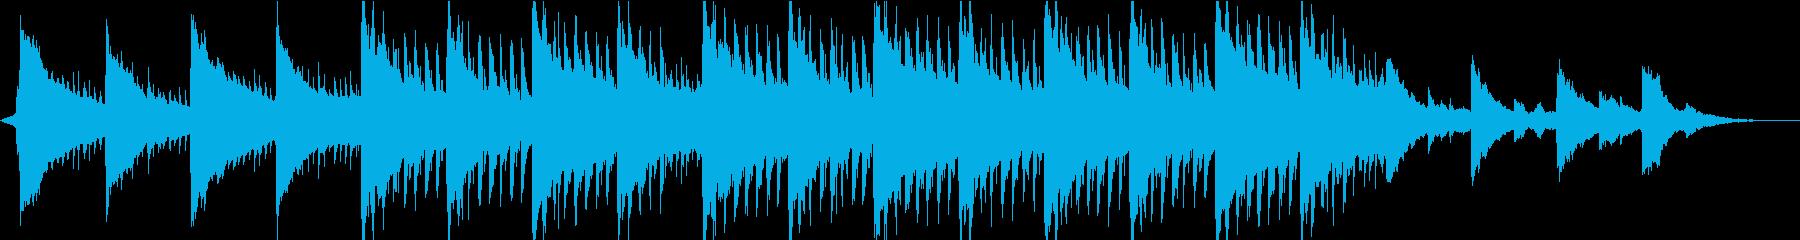 神秘的リラックス…雪のようなピアノ③の再生済みの波形